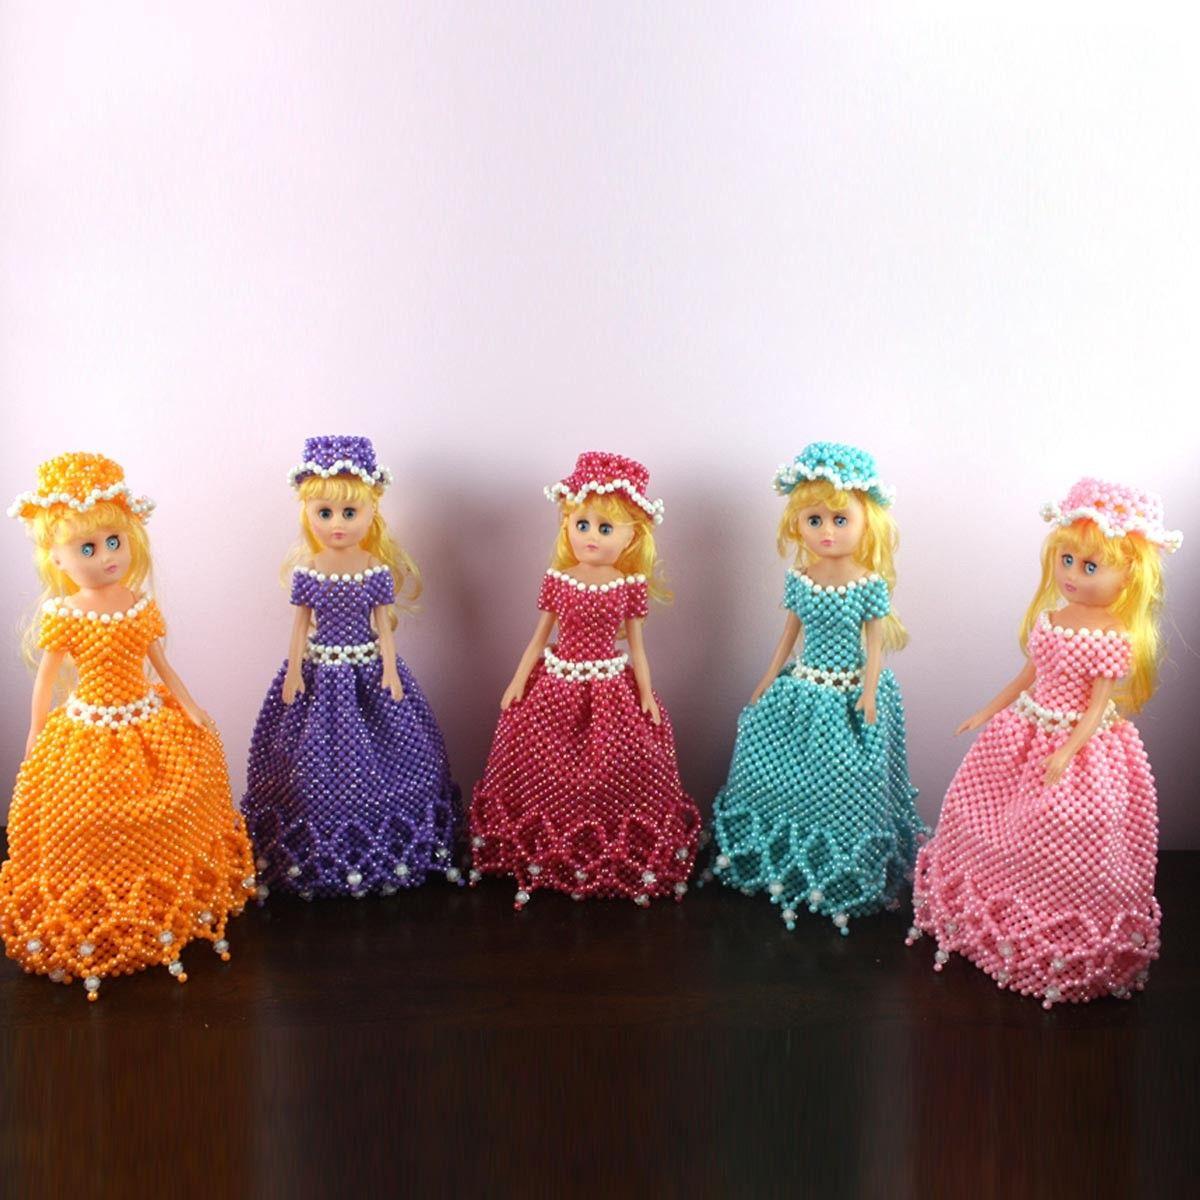 Oeuvre artisanale en perle/Forme Poupée Barbie Fantaisie (DK-CZ12)